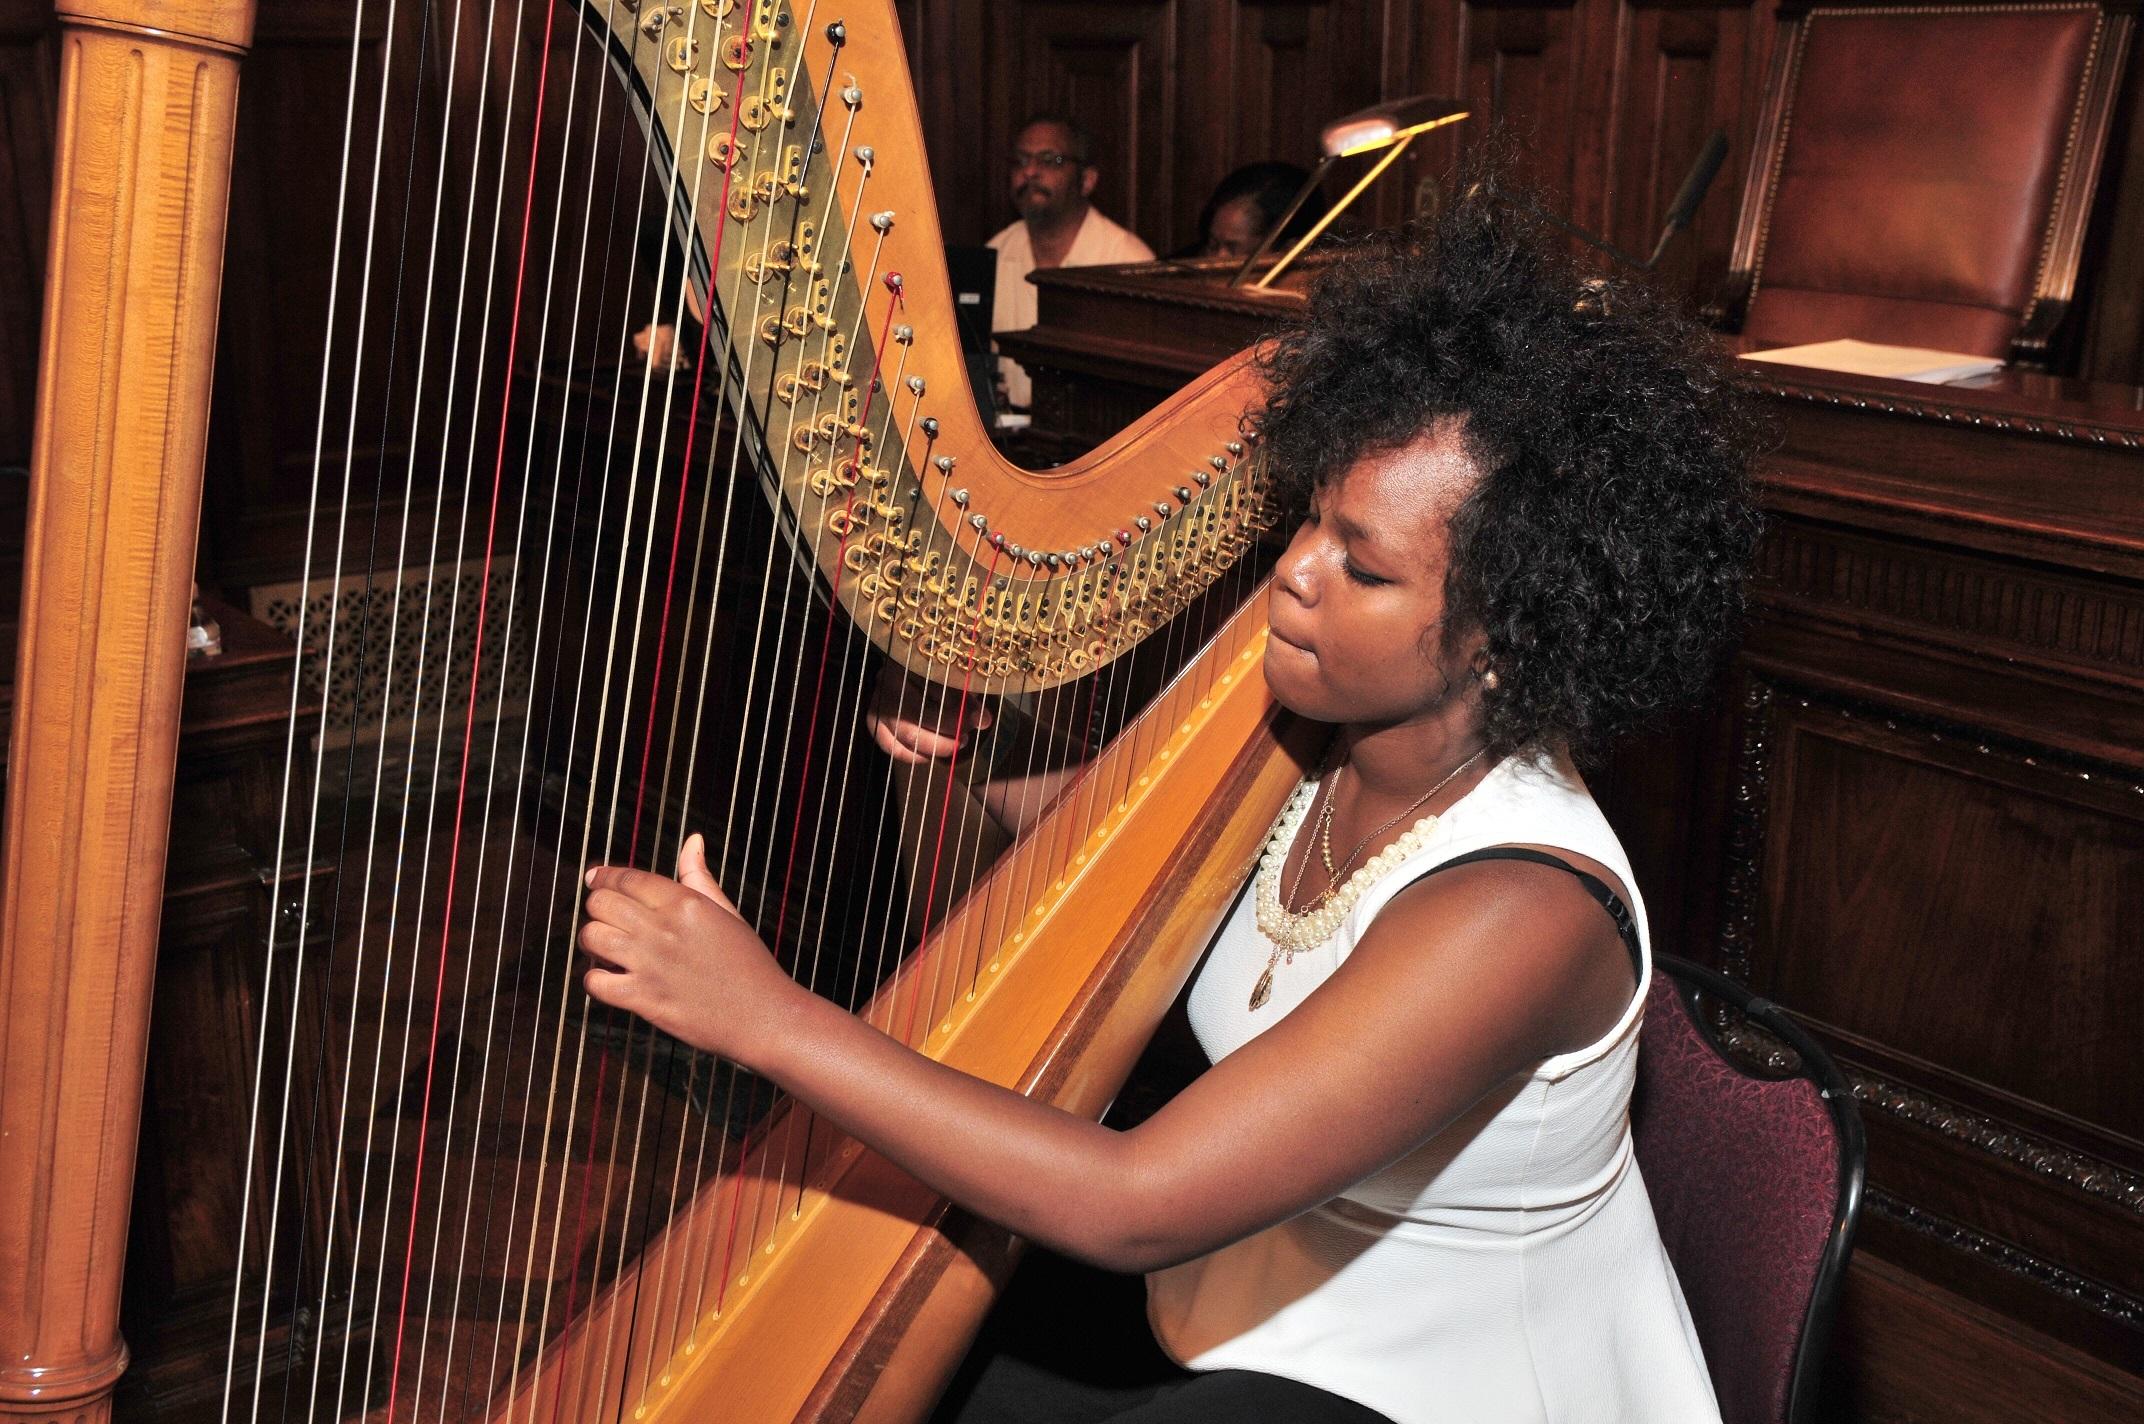 8e2936d9a9a2c699bc1f_EO_harpist.jpg